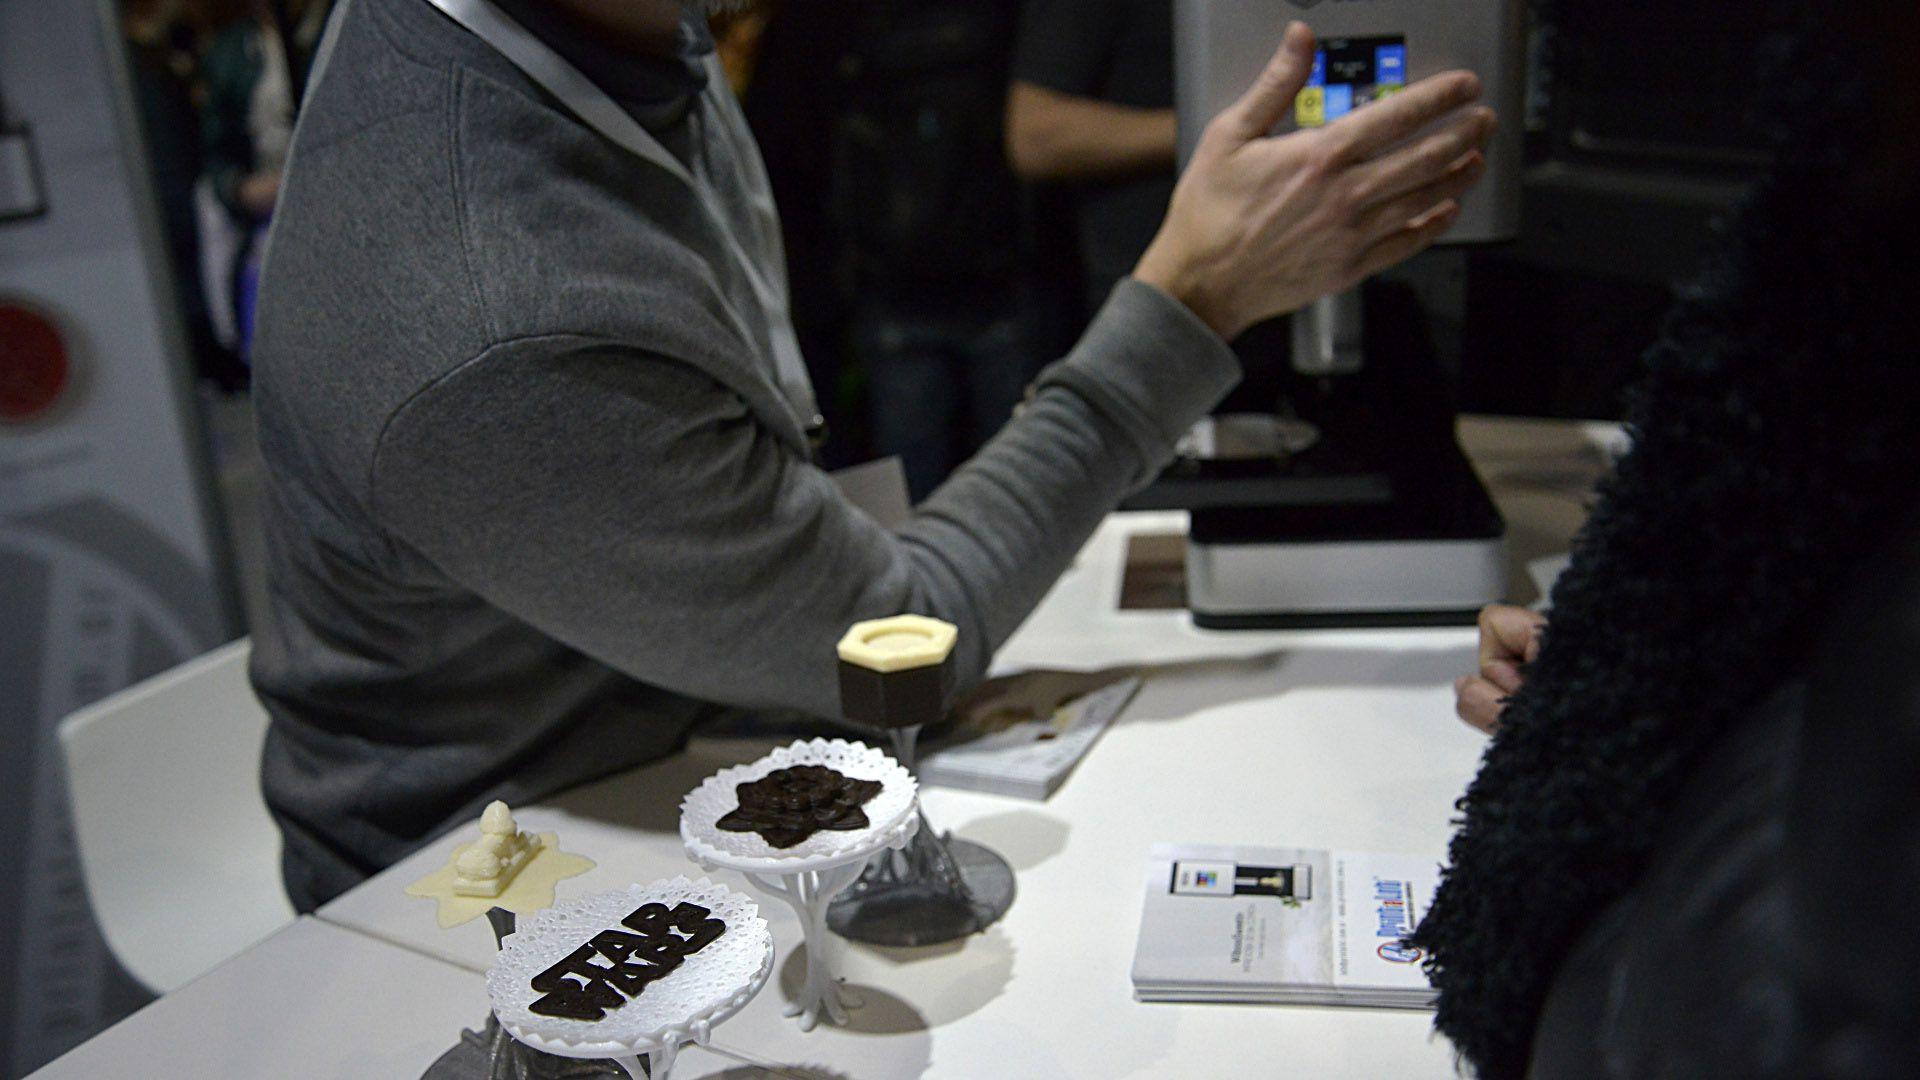 Los diseños de chocolate en 3D se hacen con chocolate fundido